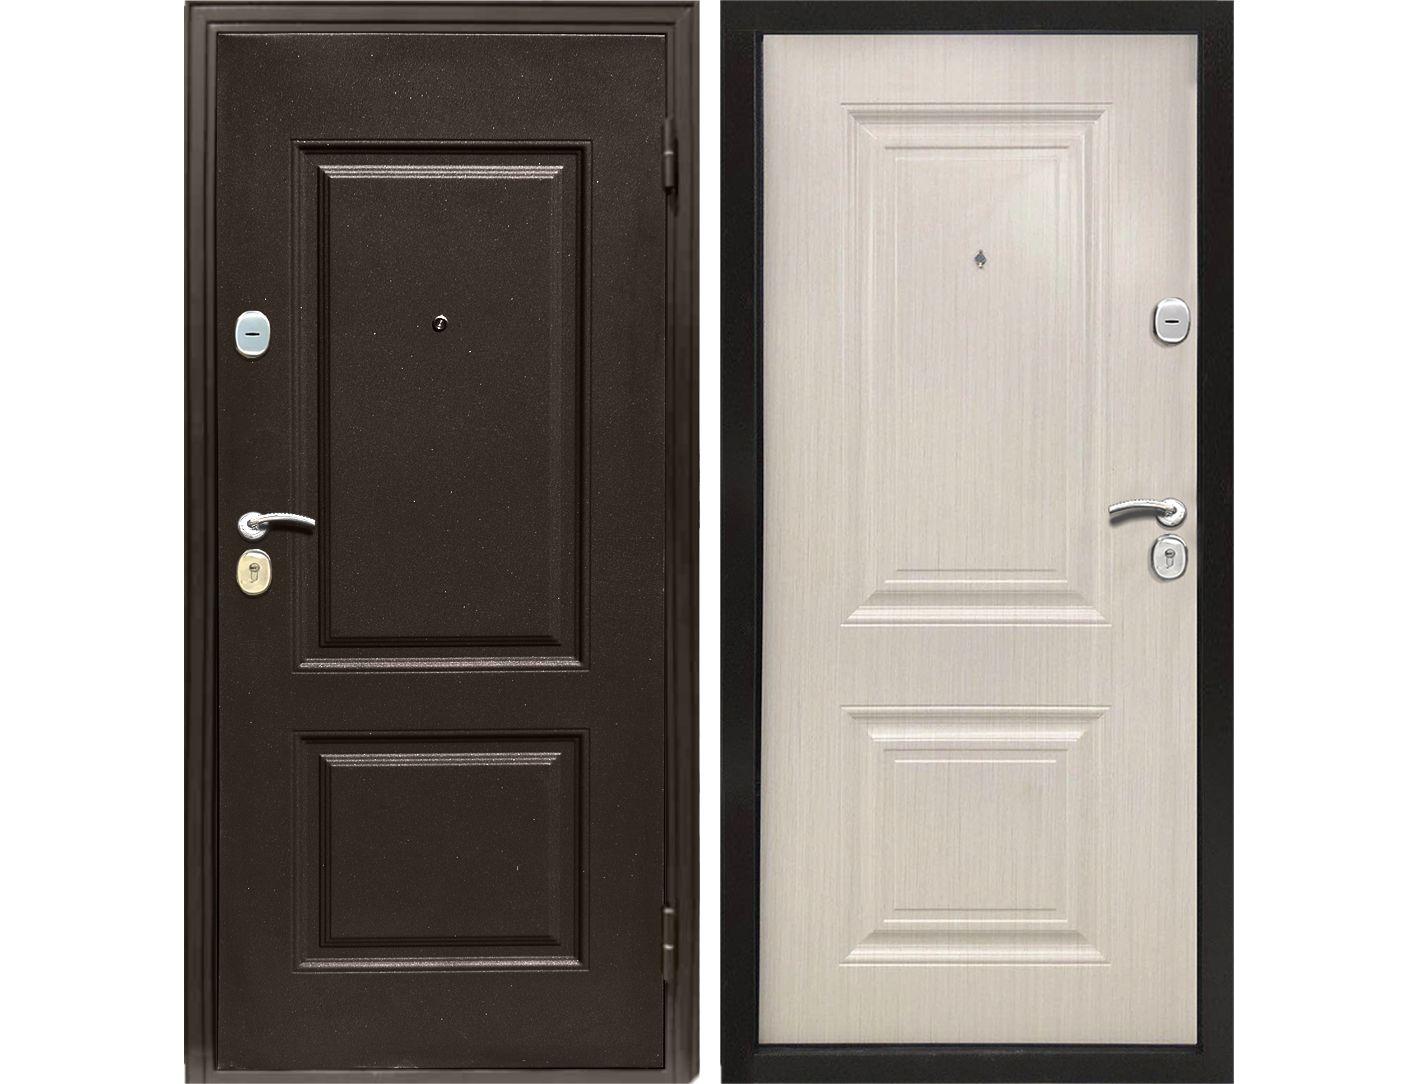 Купить со скидкой Дверь металлическая входная Классика ясень белый 2050*860 R